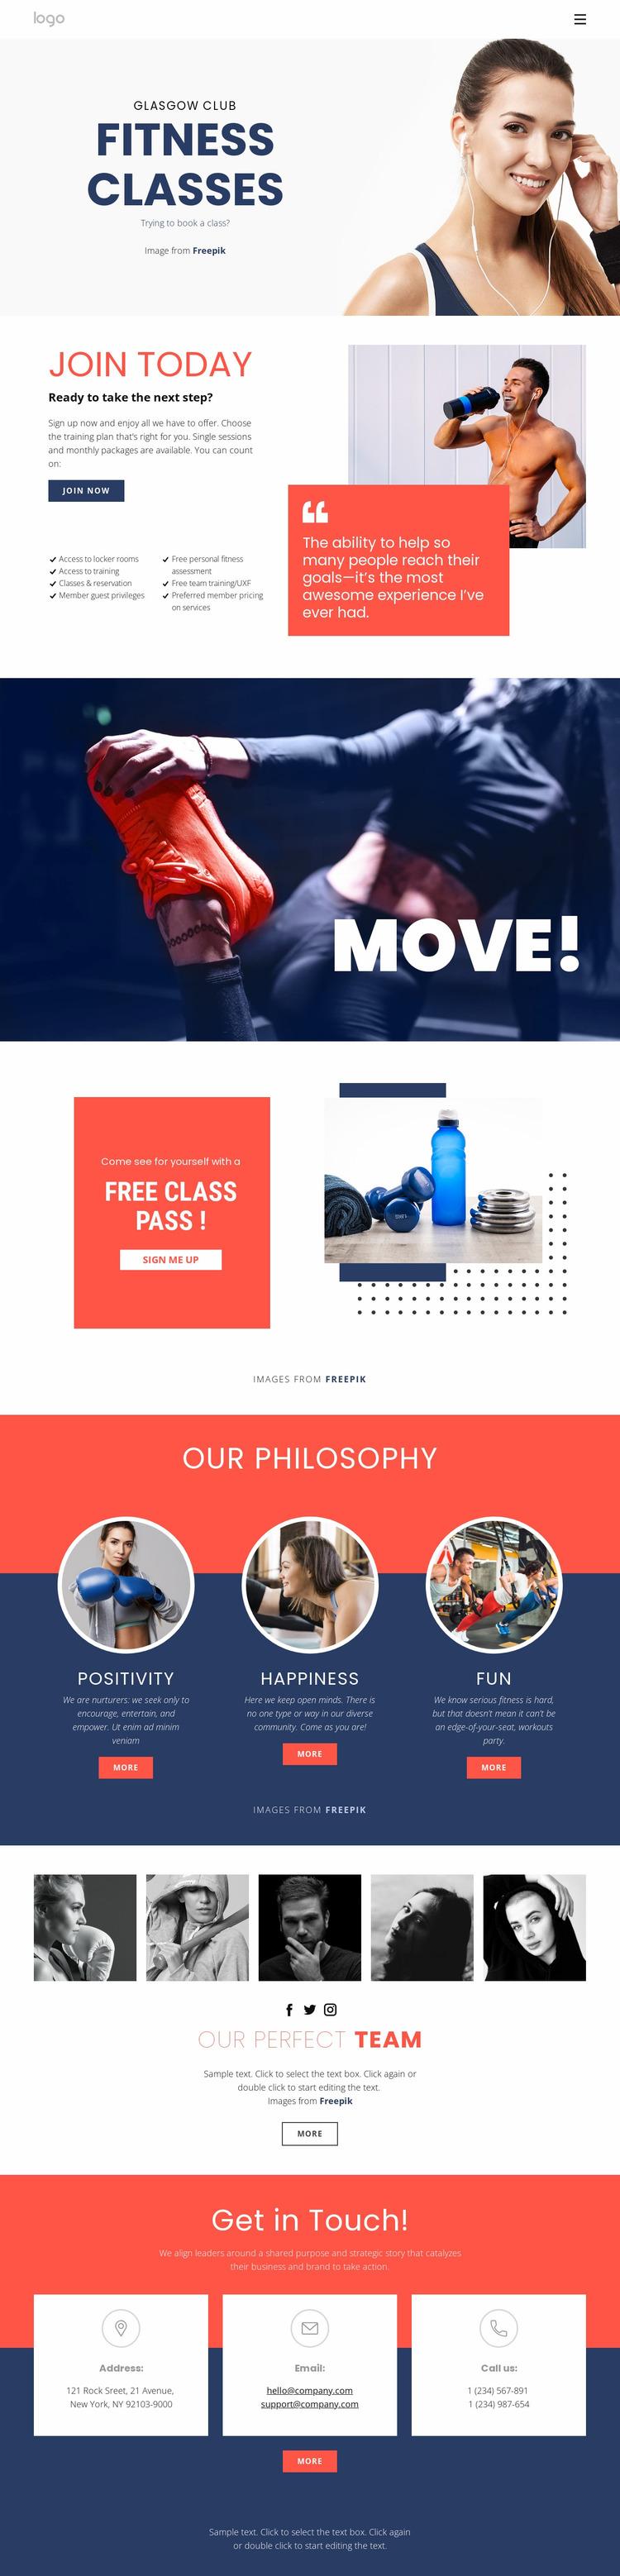 Fitness studio Website Mockup